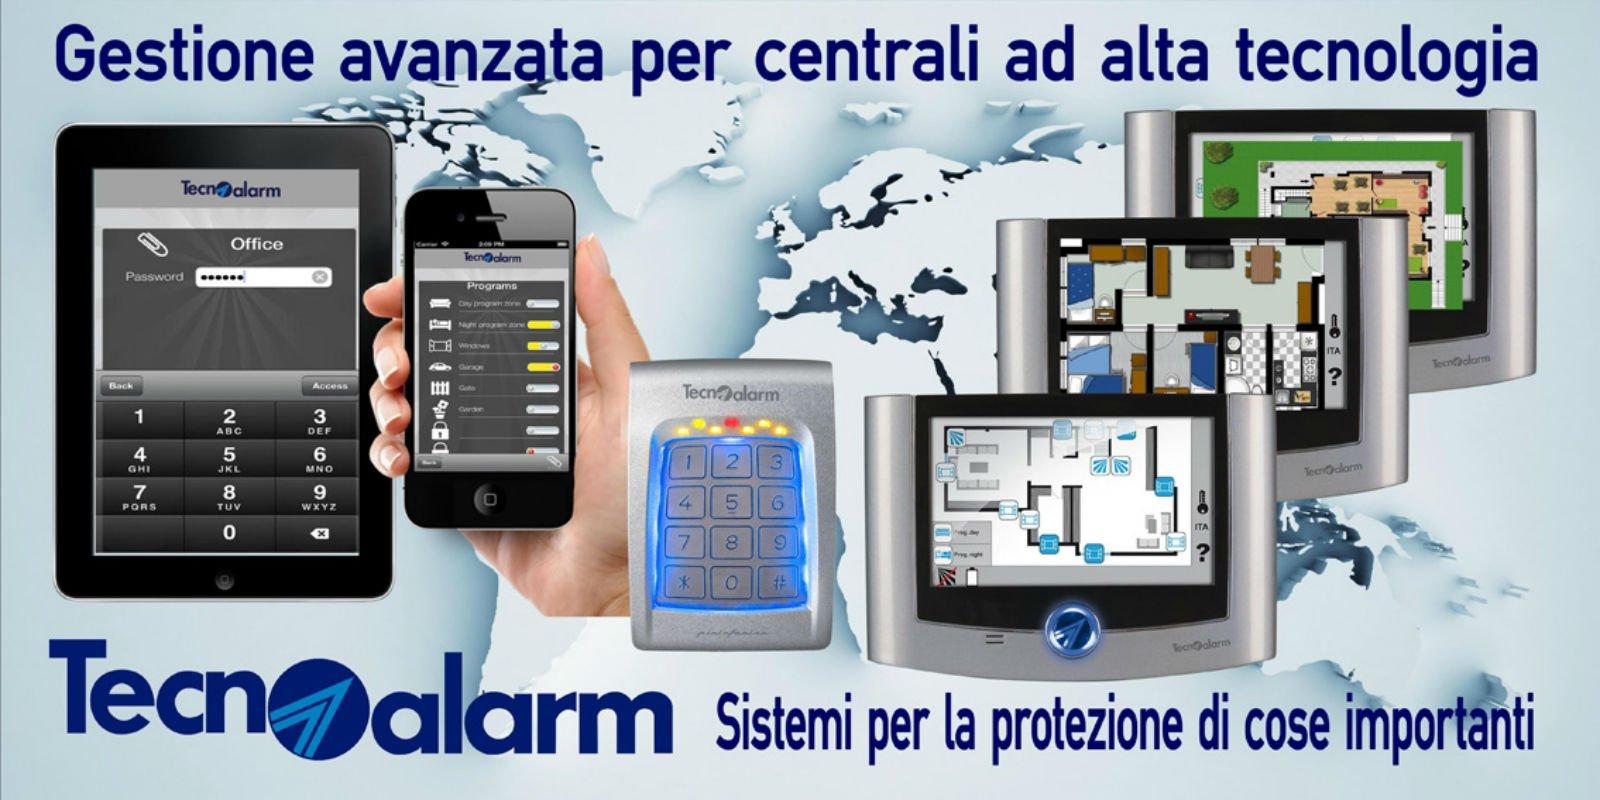 pubblicità gestione per centrali ad alta tecnologia